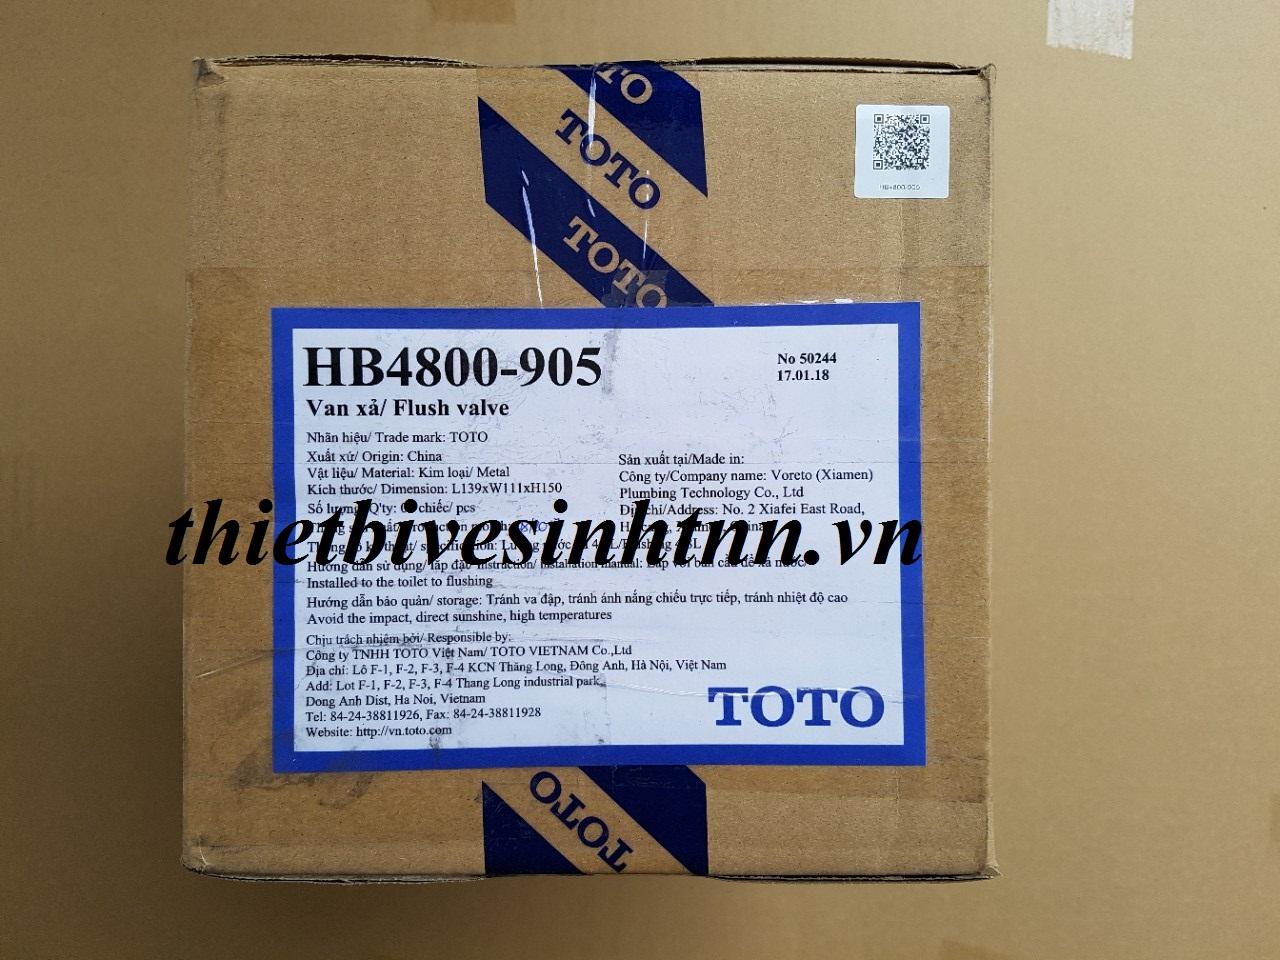 van-xả-bàn-cầu-toto-c905